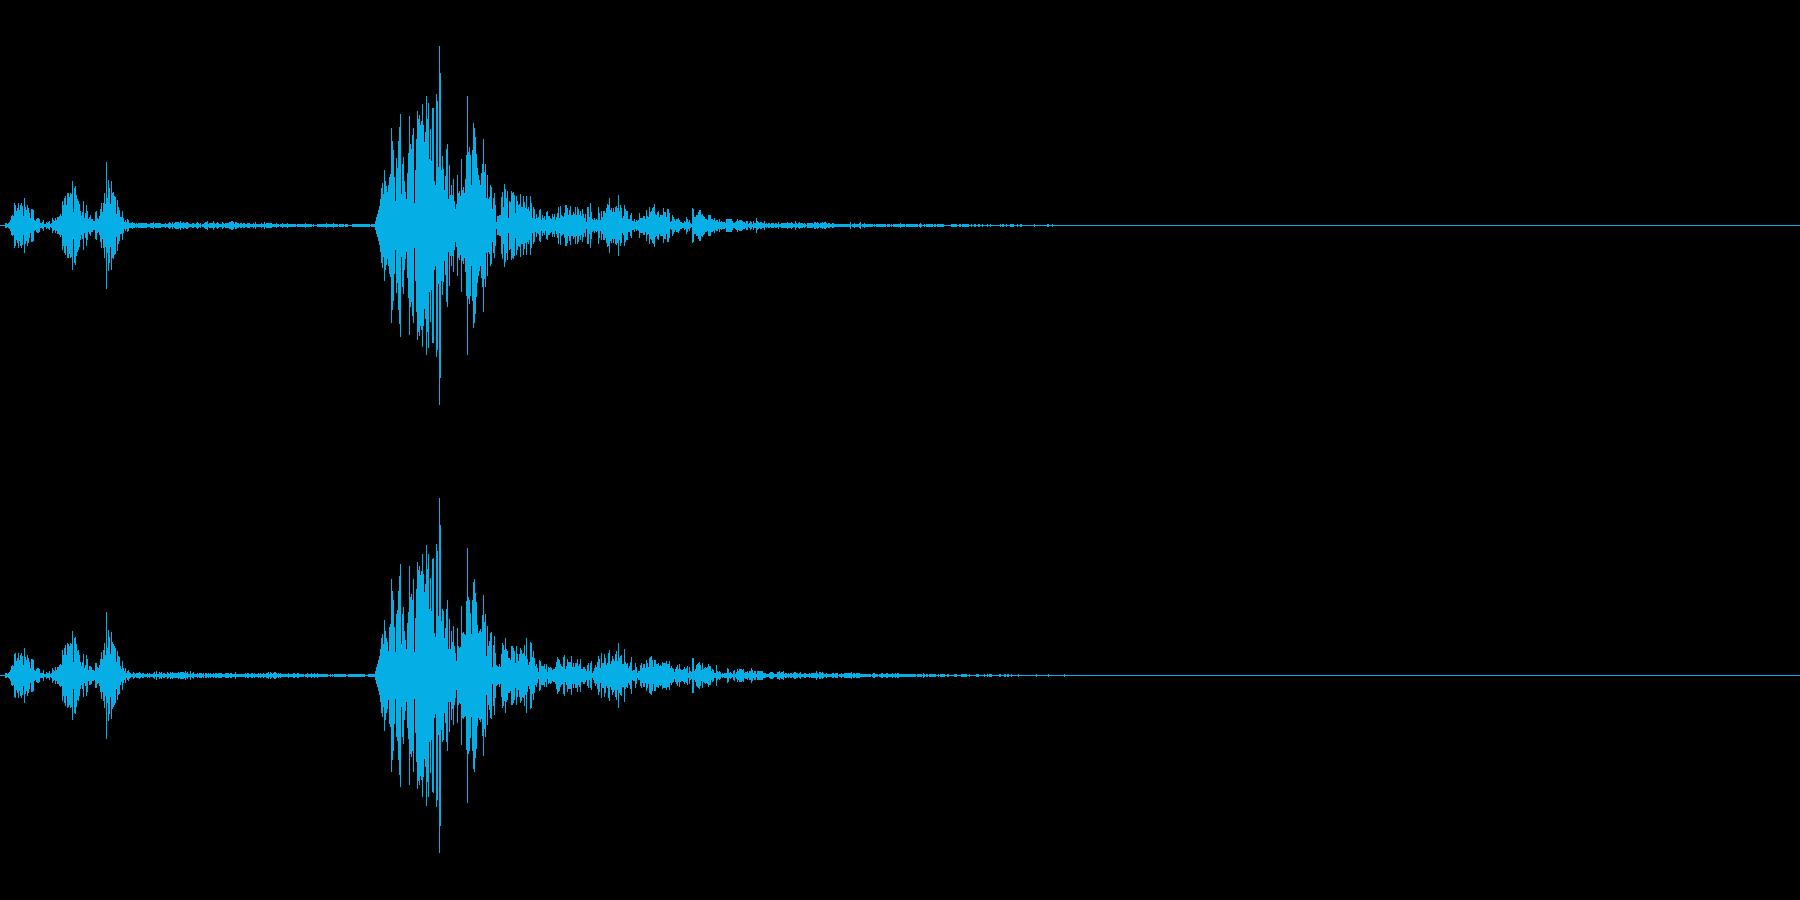 カチャ(スイッチ、ボタン、キャンセル)の再生済みの波形